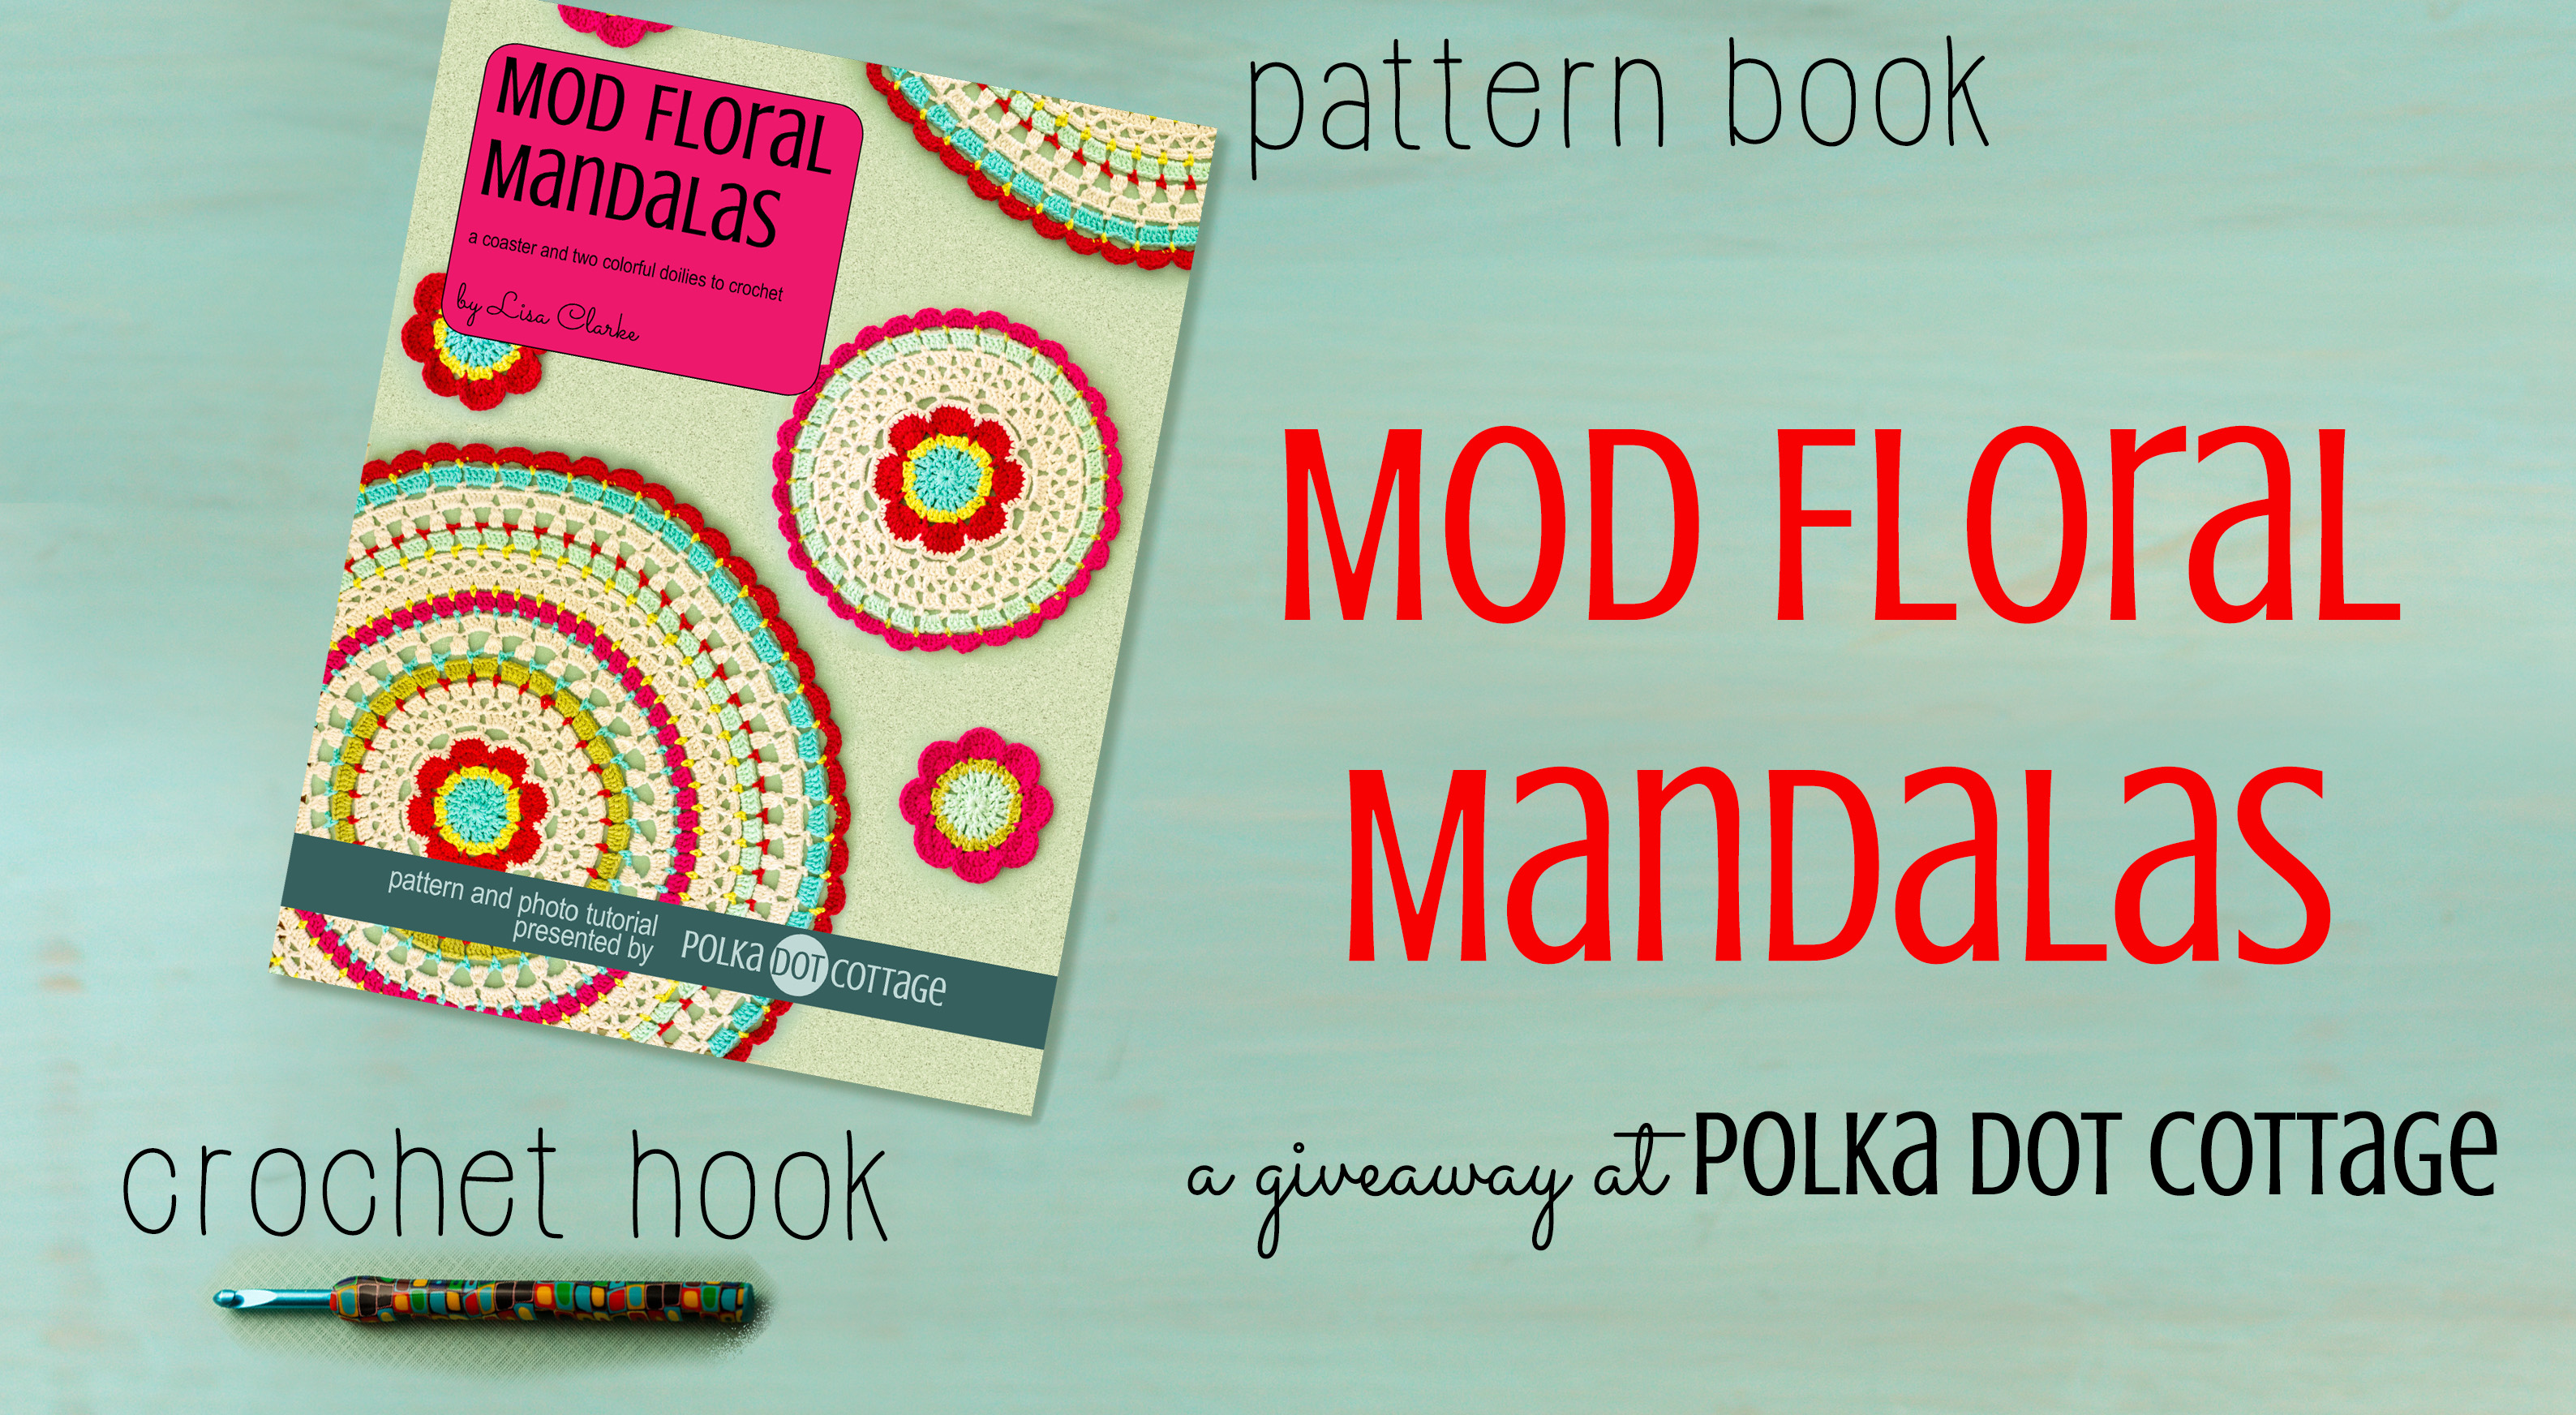 Mod Floral Mandalas giveaway at Polka Dot Cottage